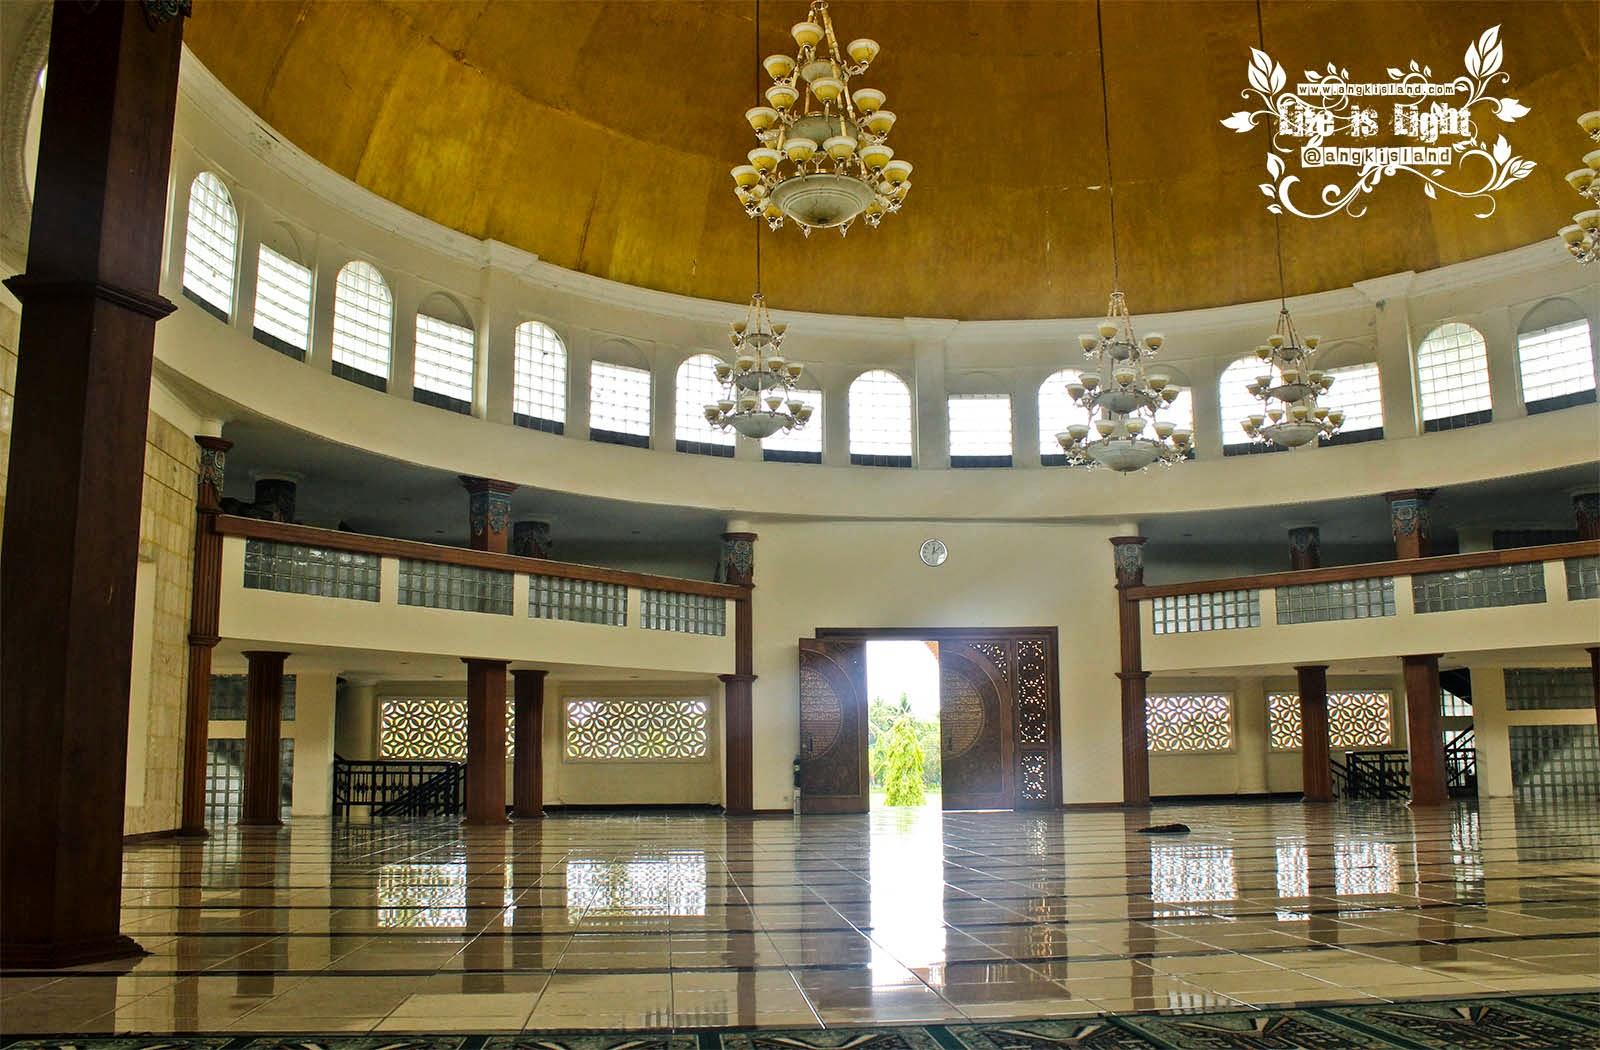 Masjid Hikmah Tawakal mercubuana